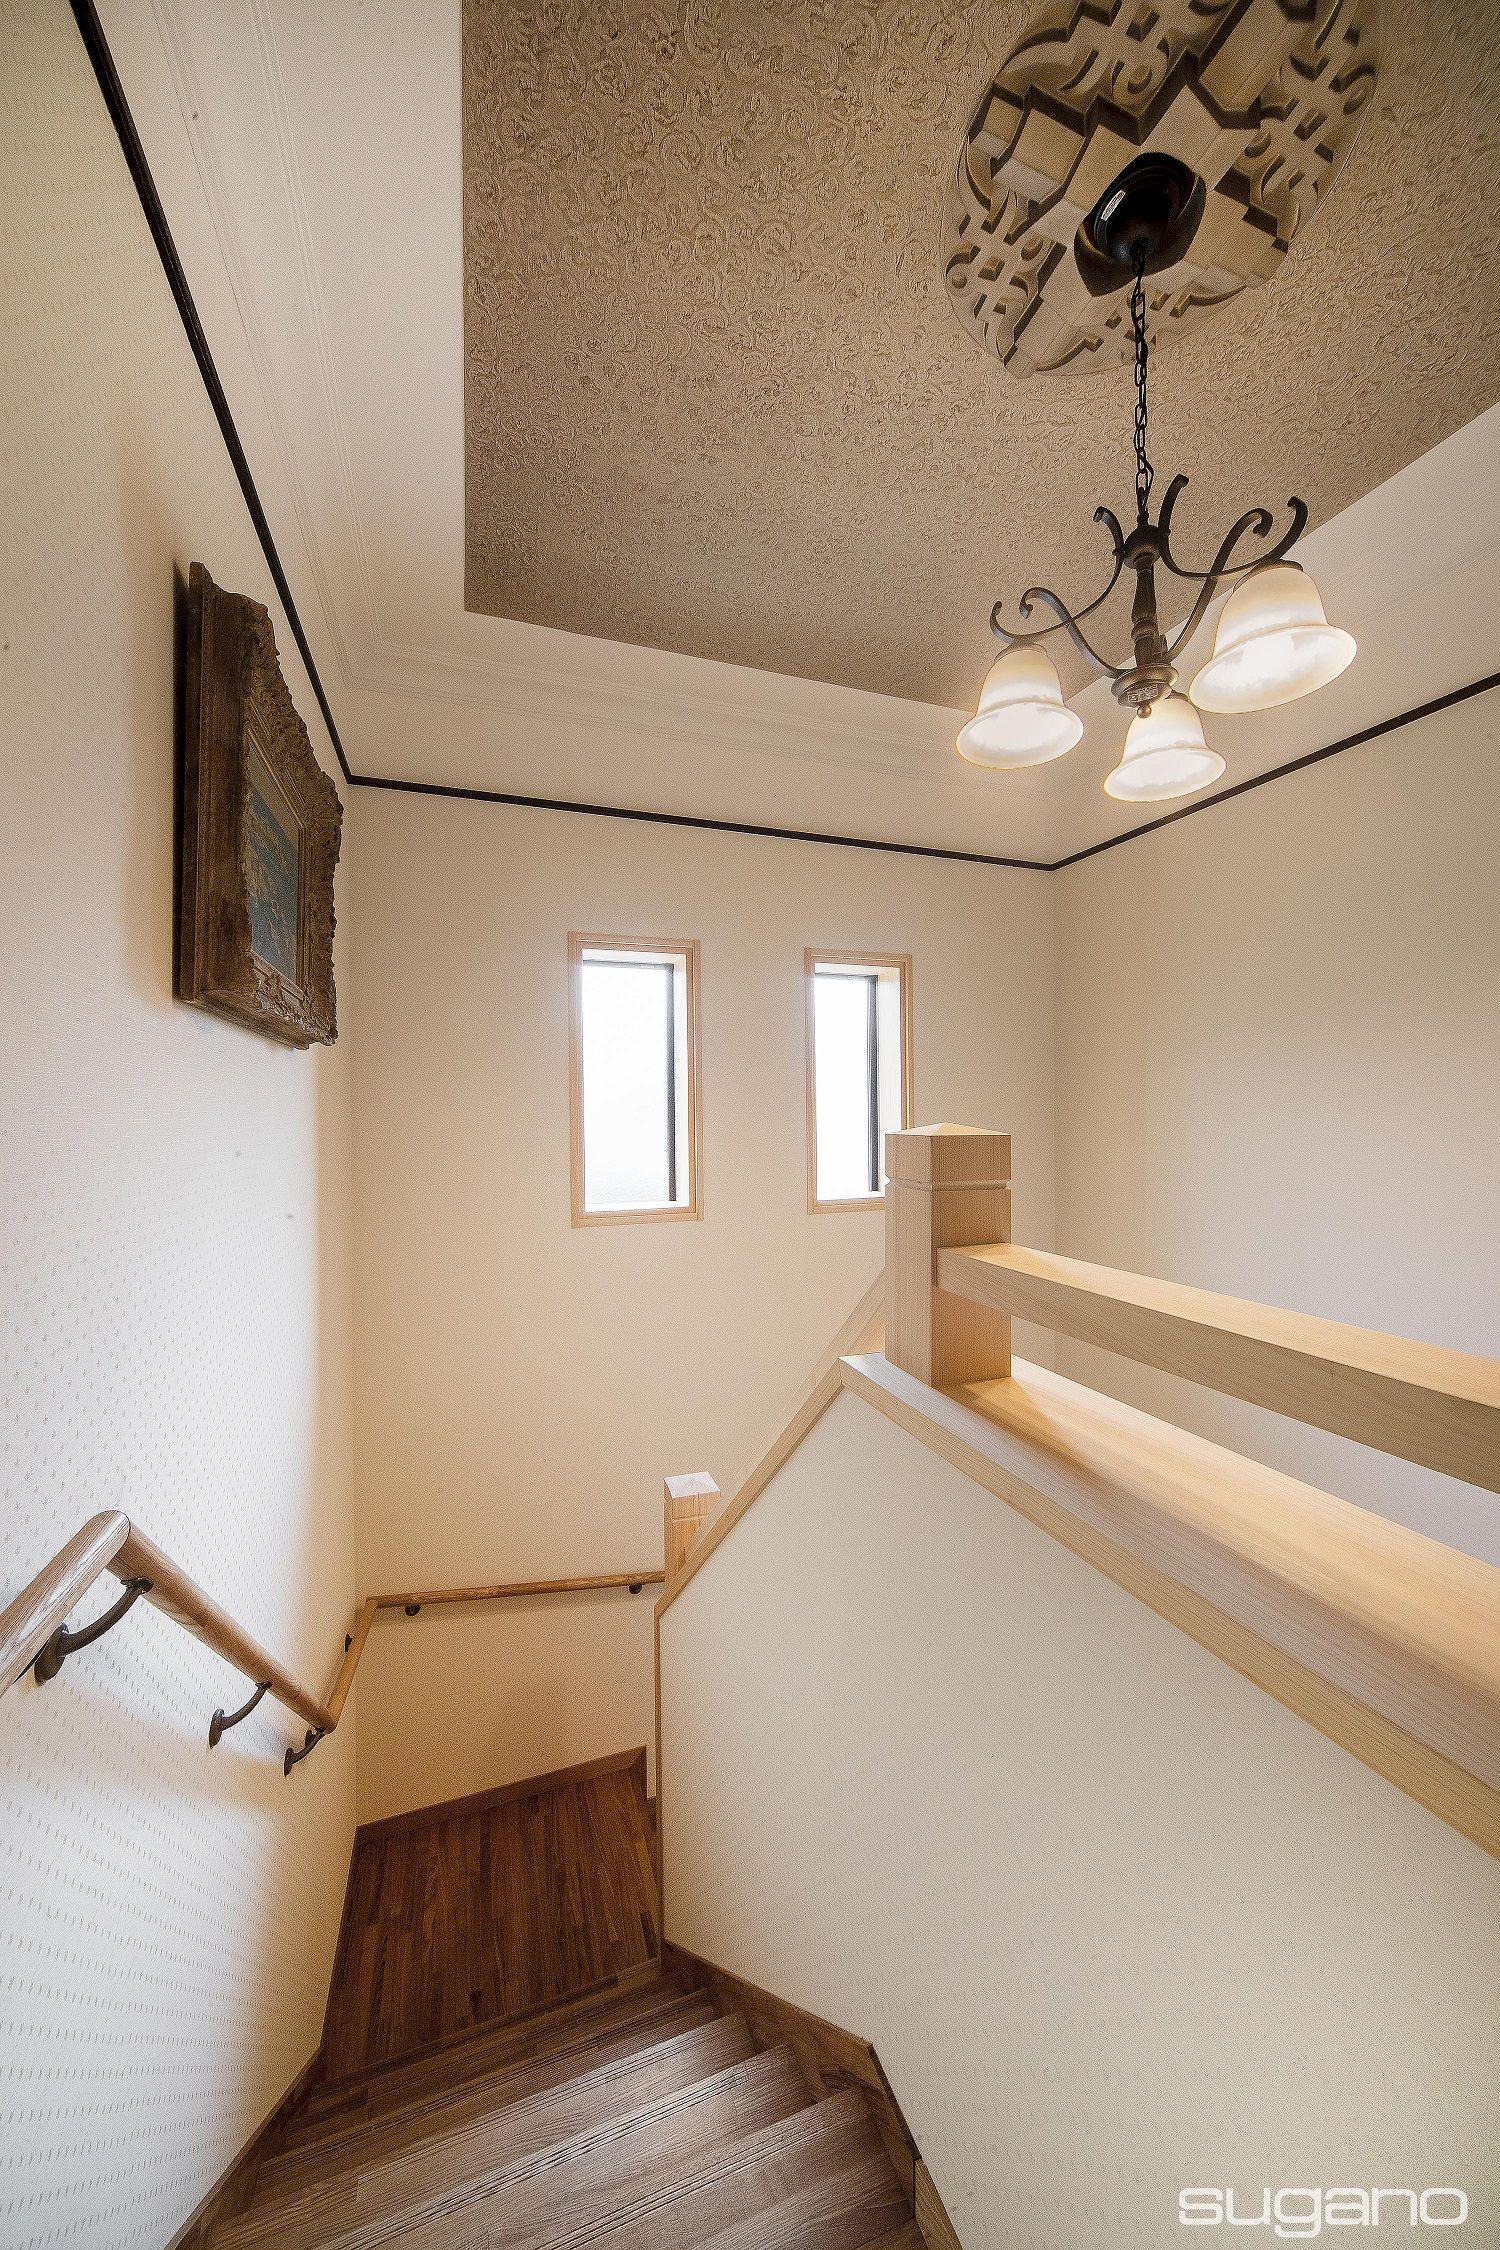 洋館のような階段室に 古民家 写真 インテリア ホームインテリアデザイン